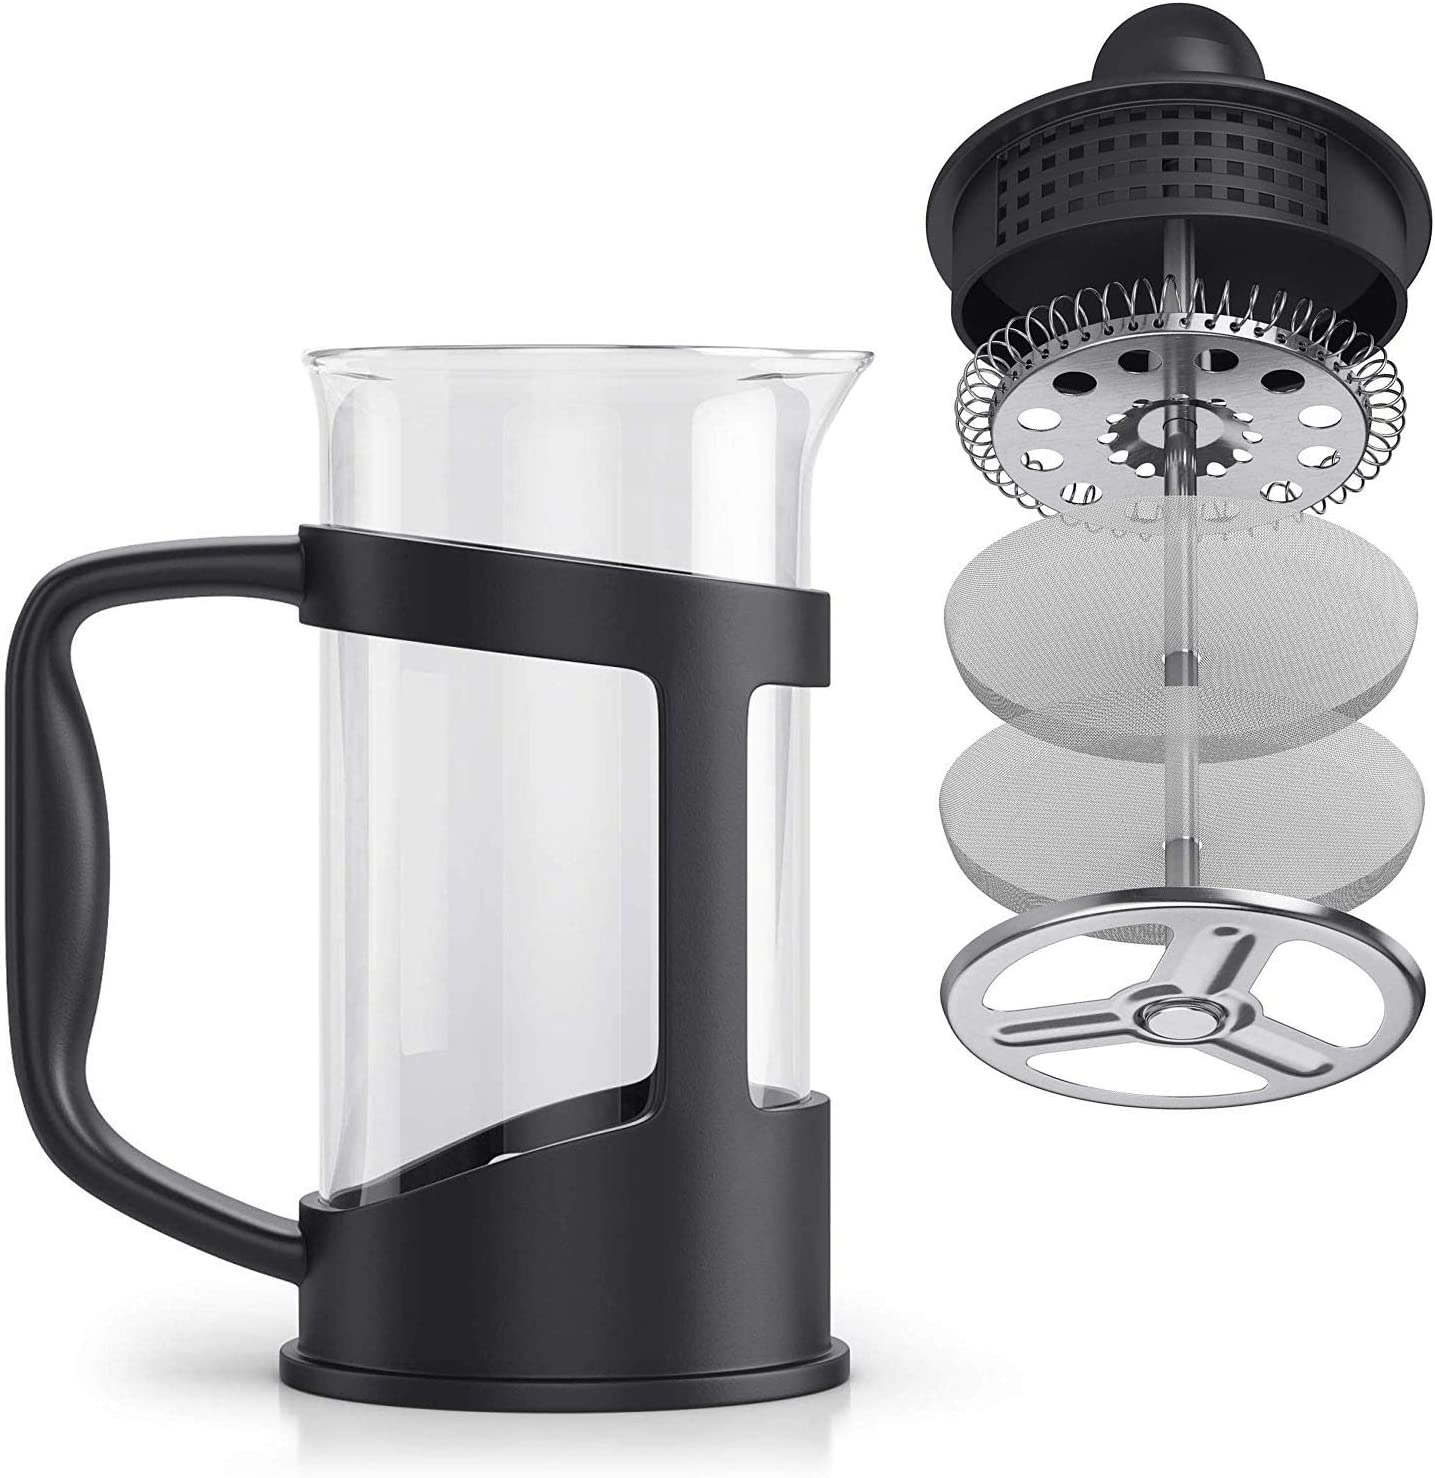 Negro cafetera de Sabor m/áximo con Filtro de Acero Inoxidable 350 ml RAINBEAN cafetera de Prensa Francesa Gran Tetera de Calidad caf/é de la ma/ñana